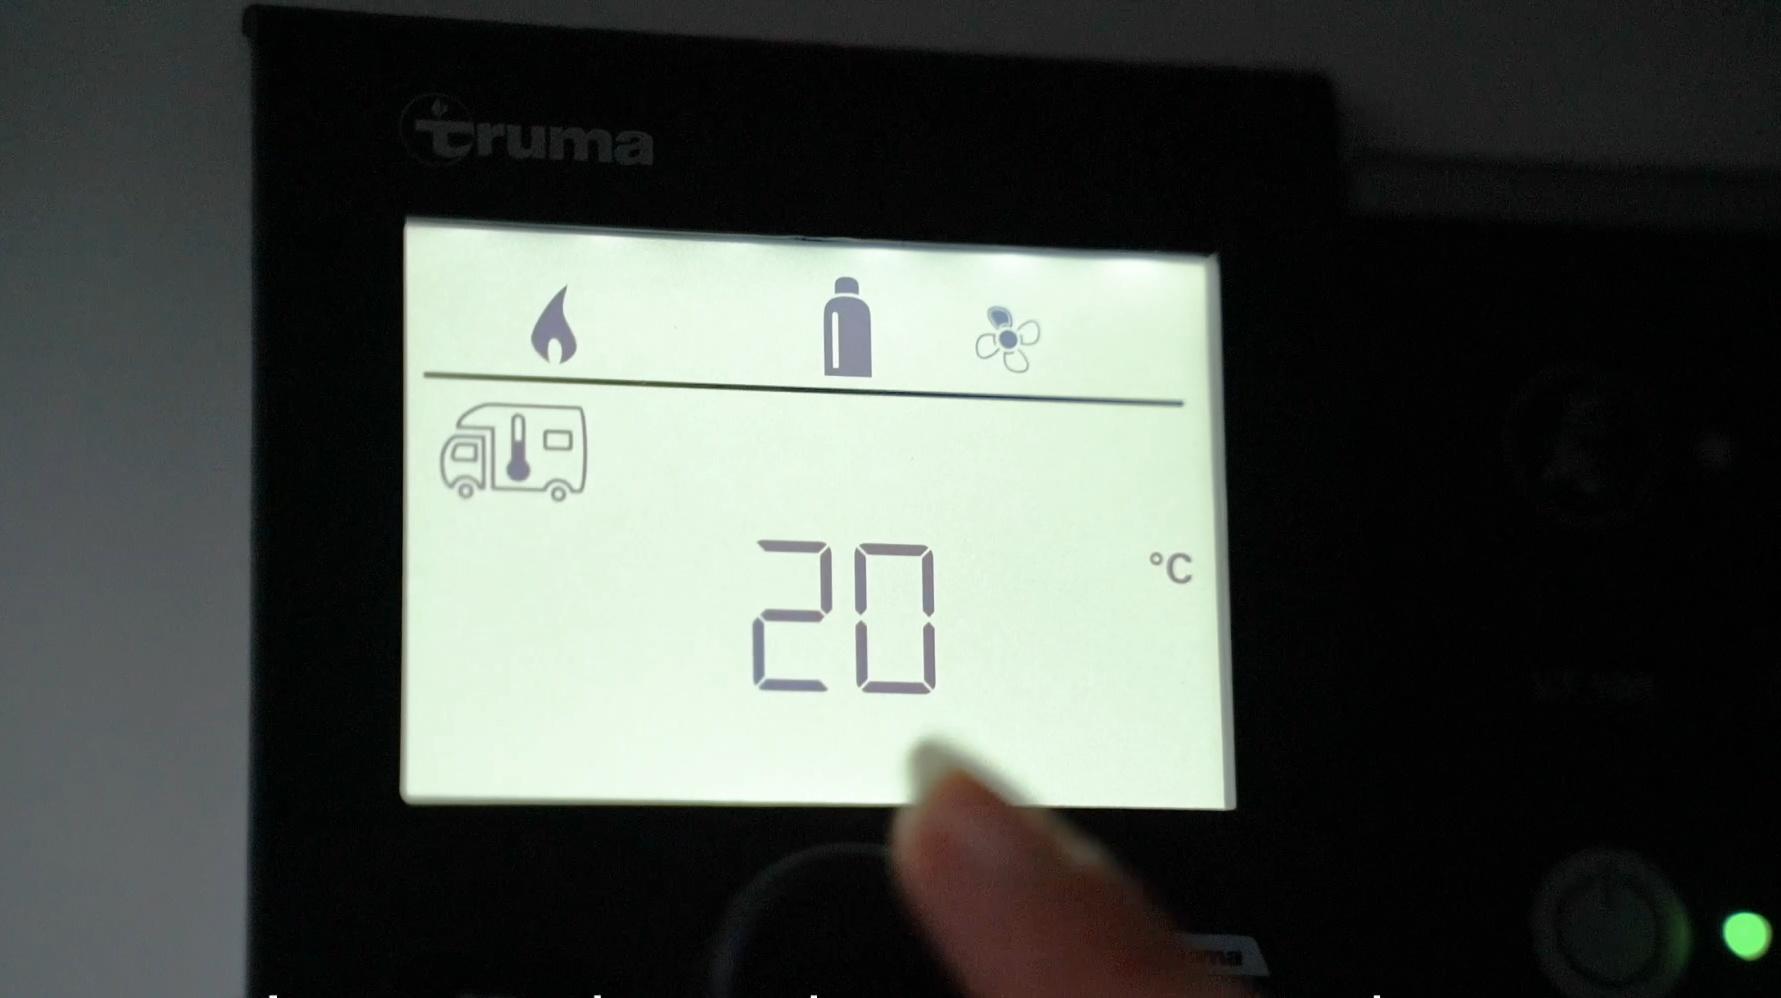 Lämmön ohjaus Truma hallintapaneelista